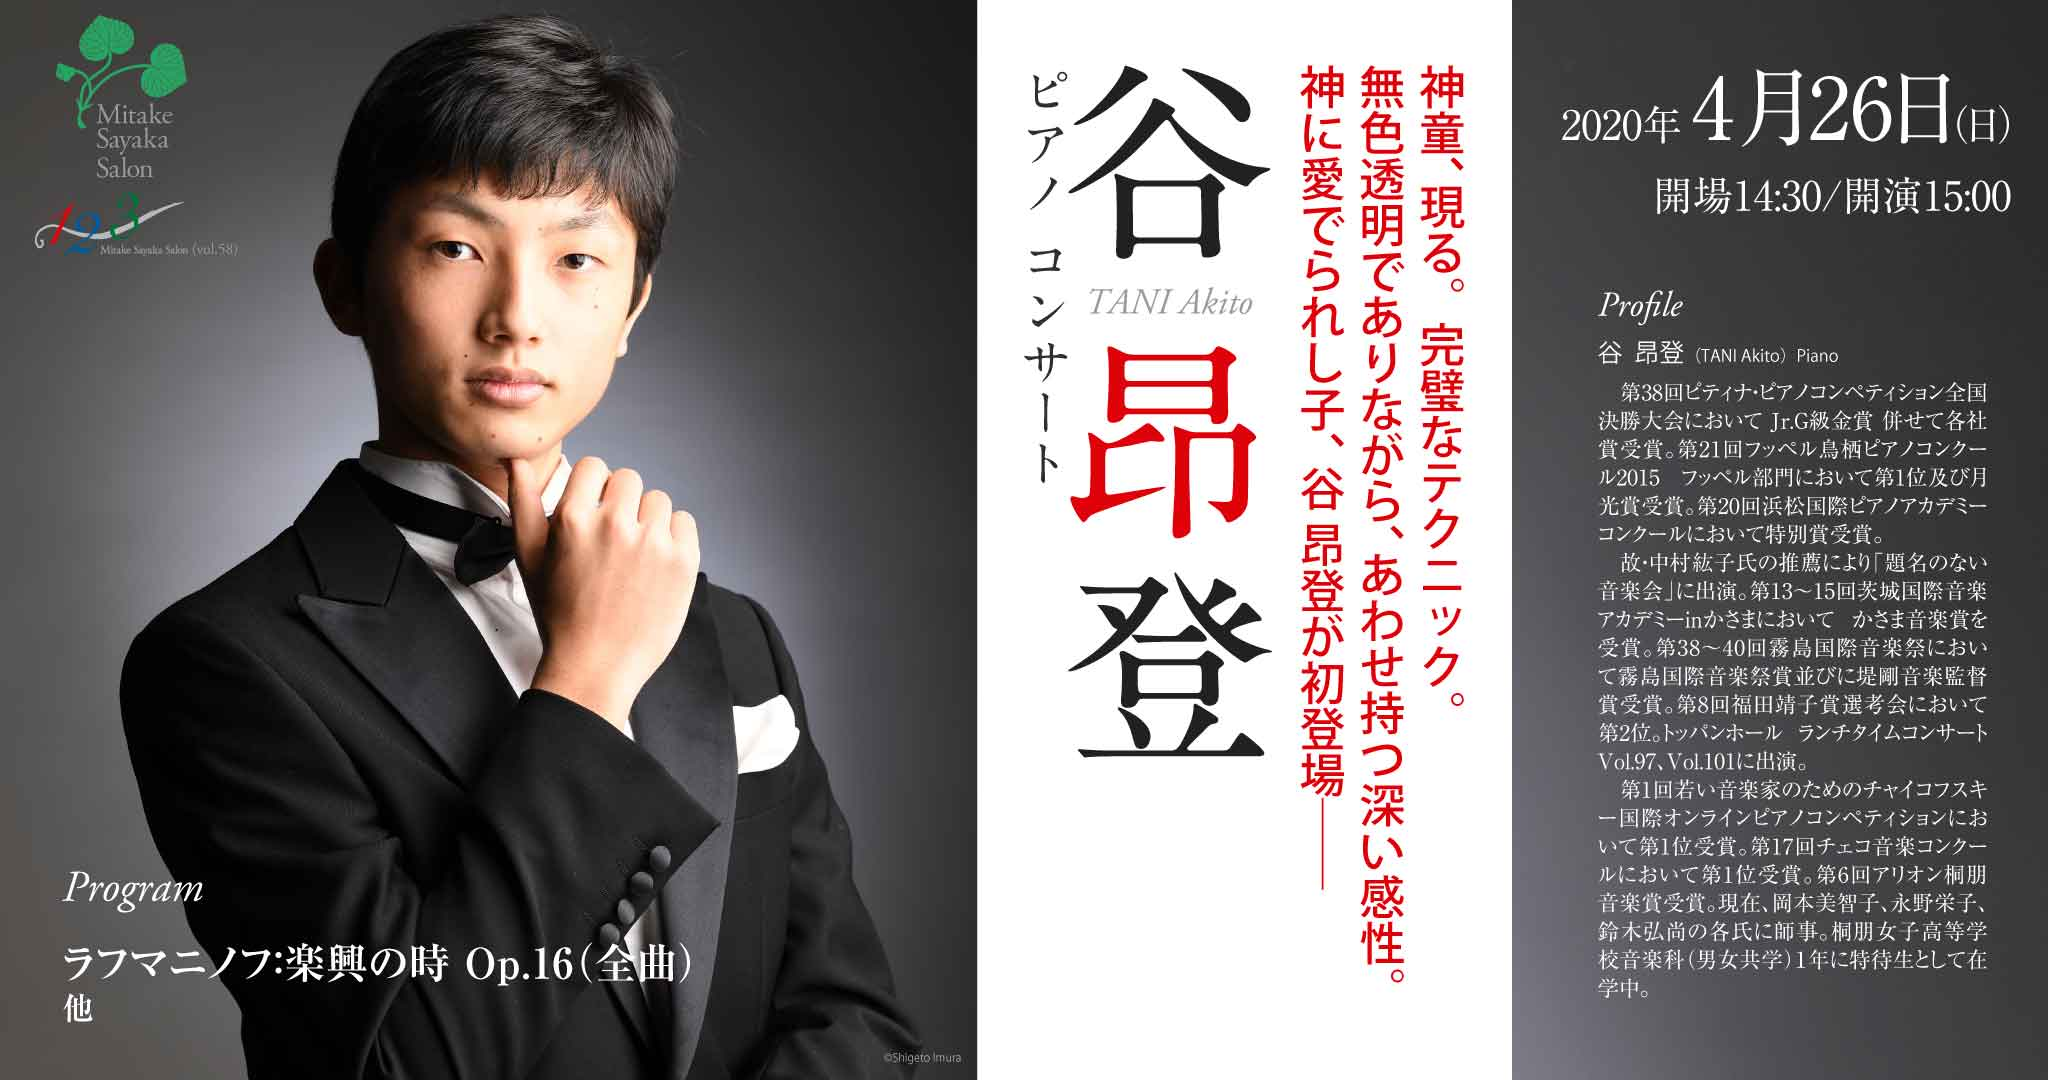 【延期】谷昂登ピアノコンサート